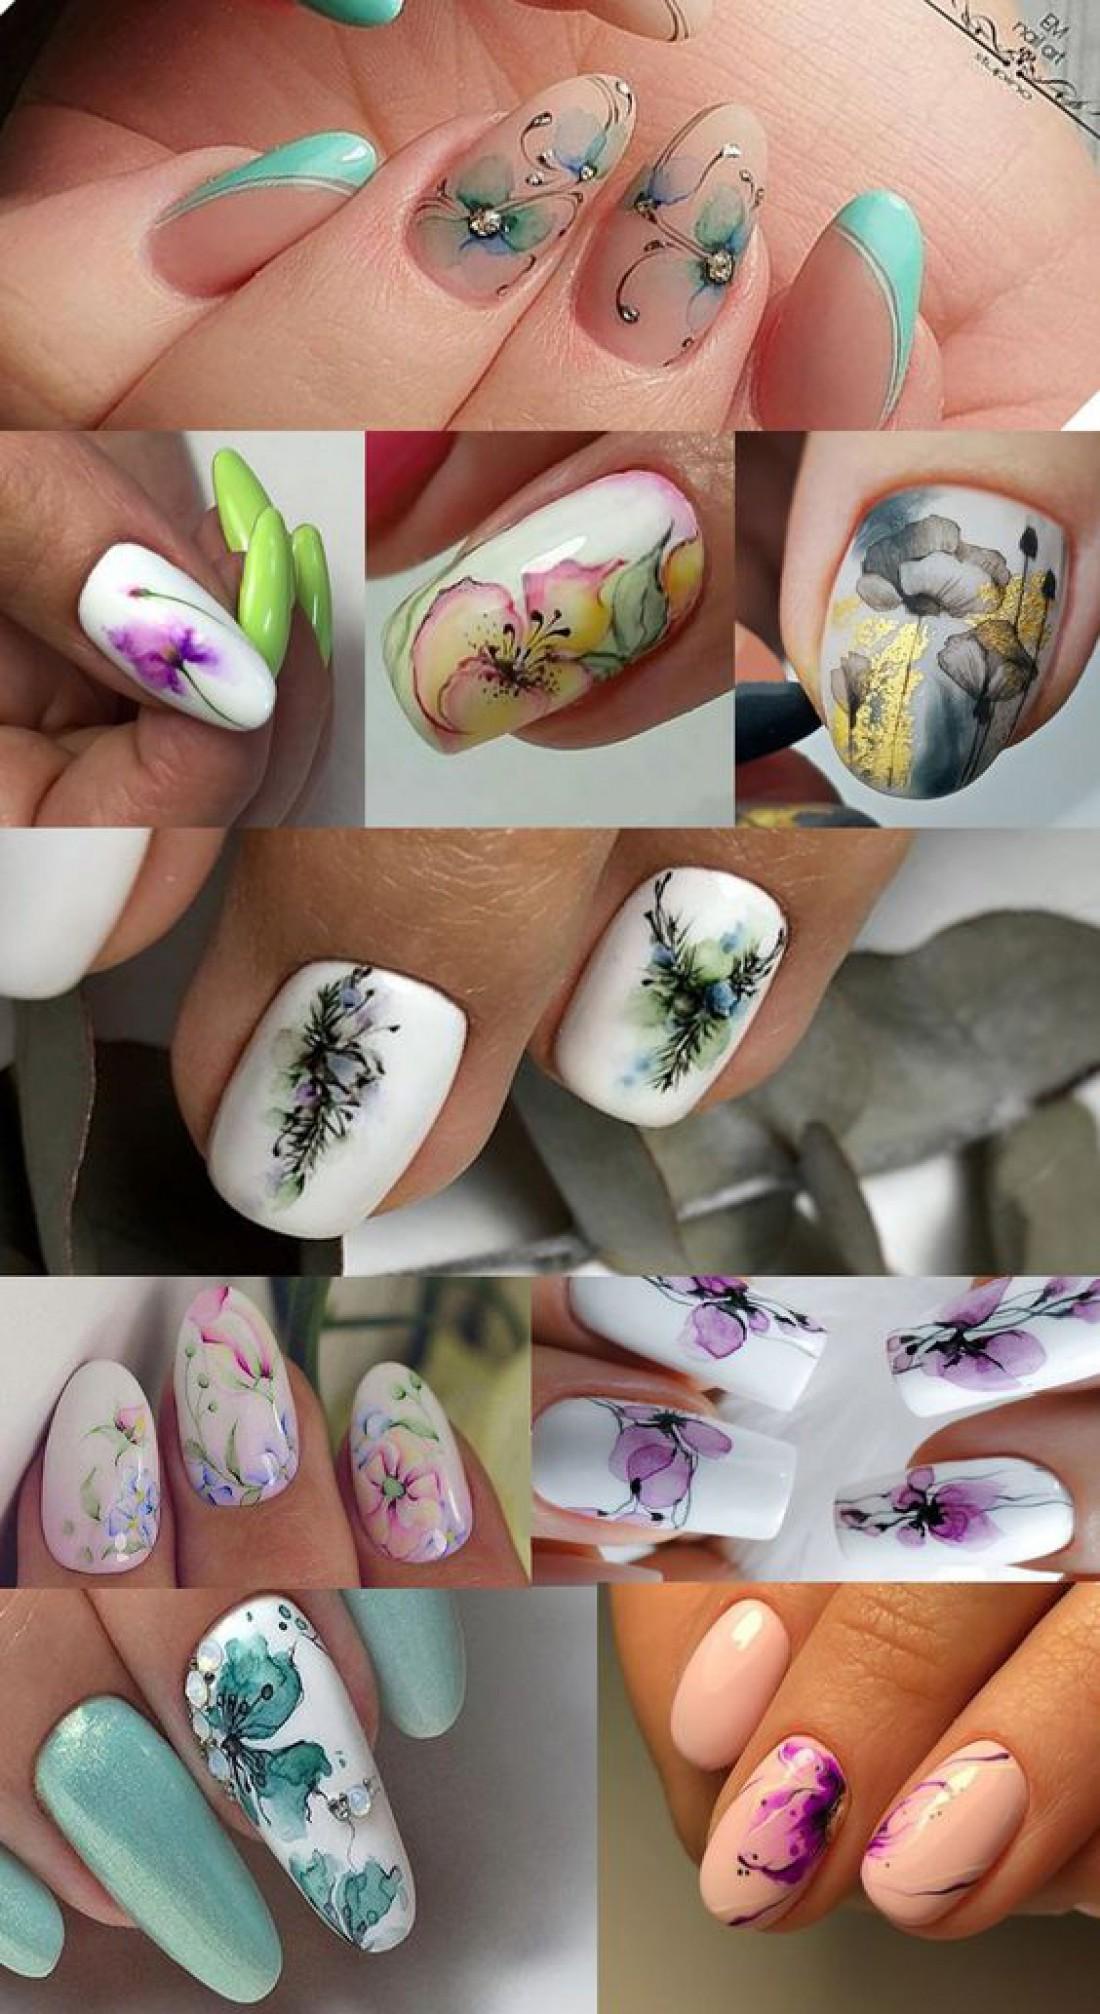 Цветочный дизайн ногтей 2019: ТОП-4 лучших идеи